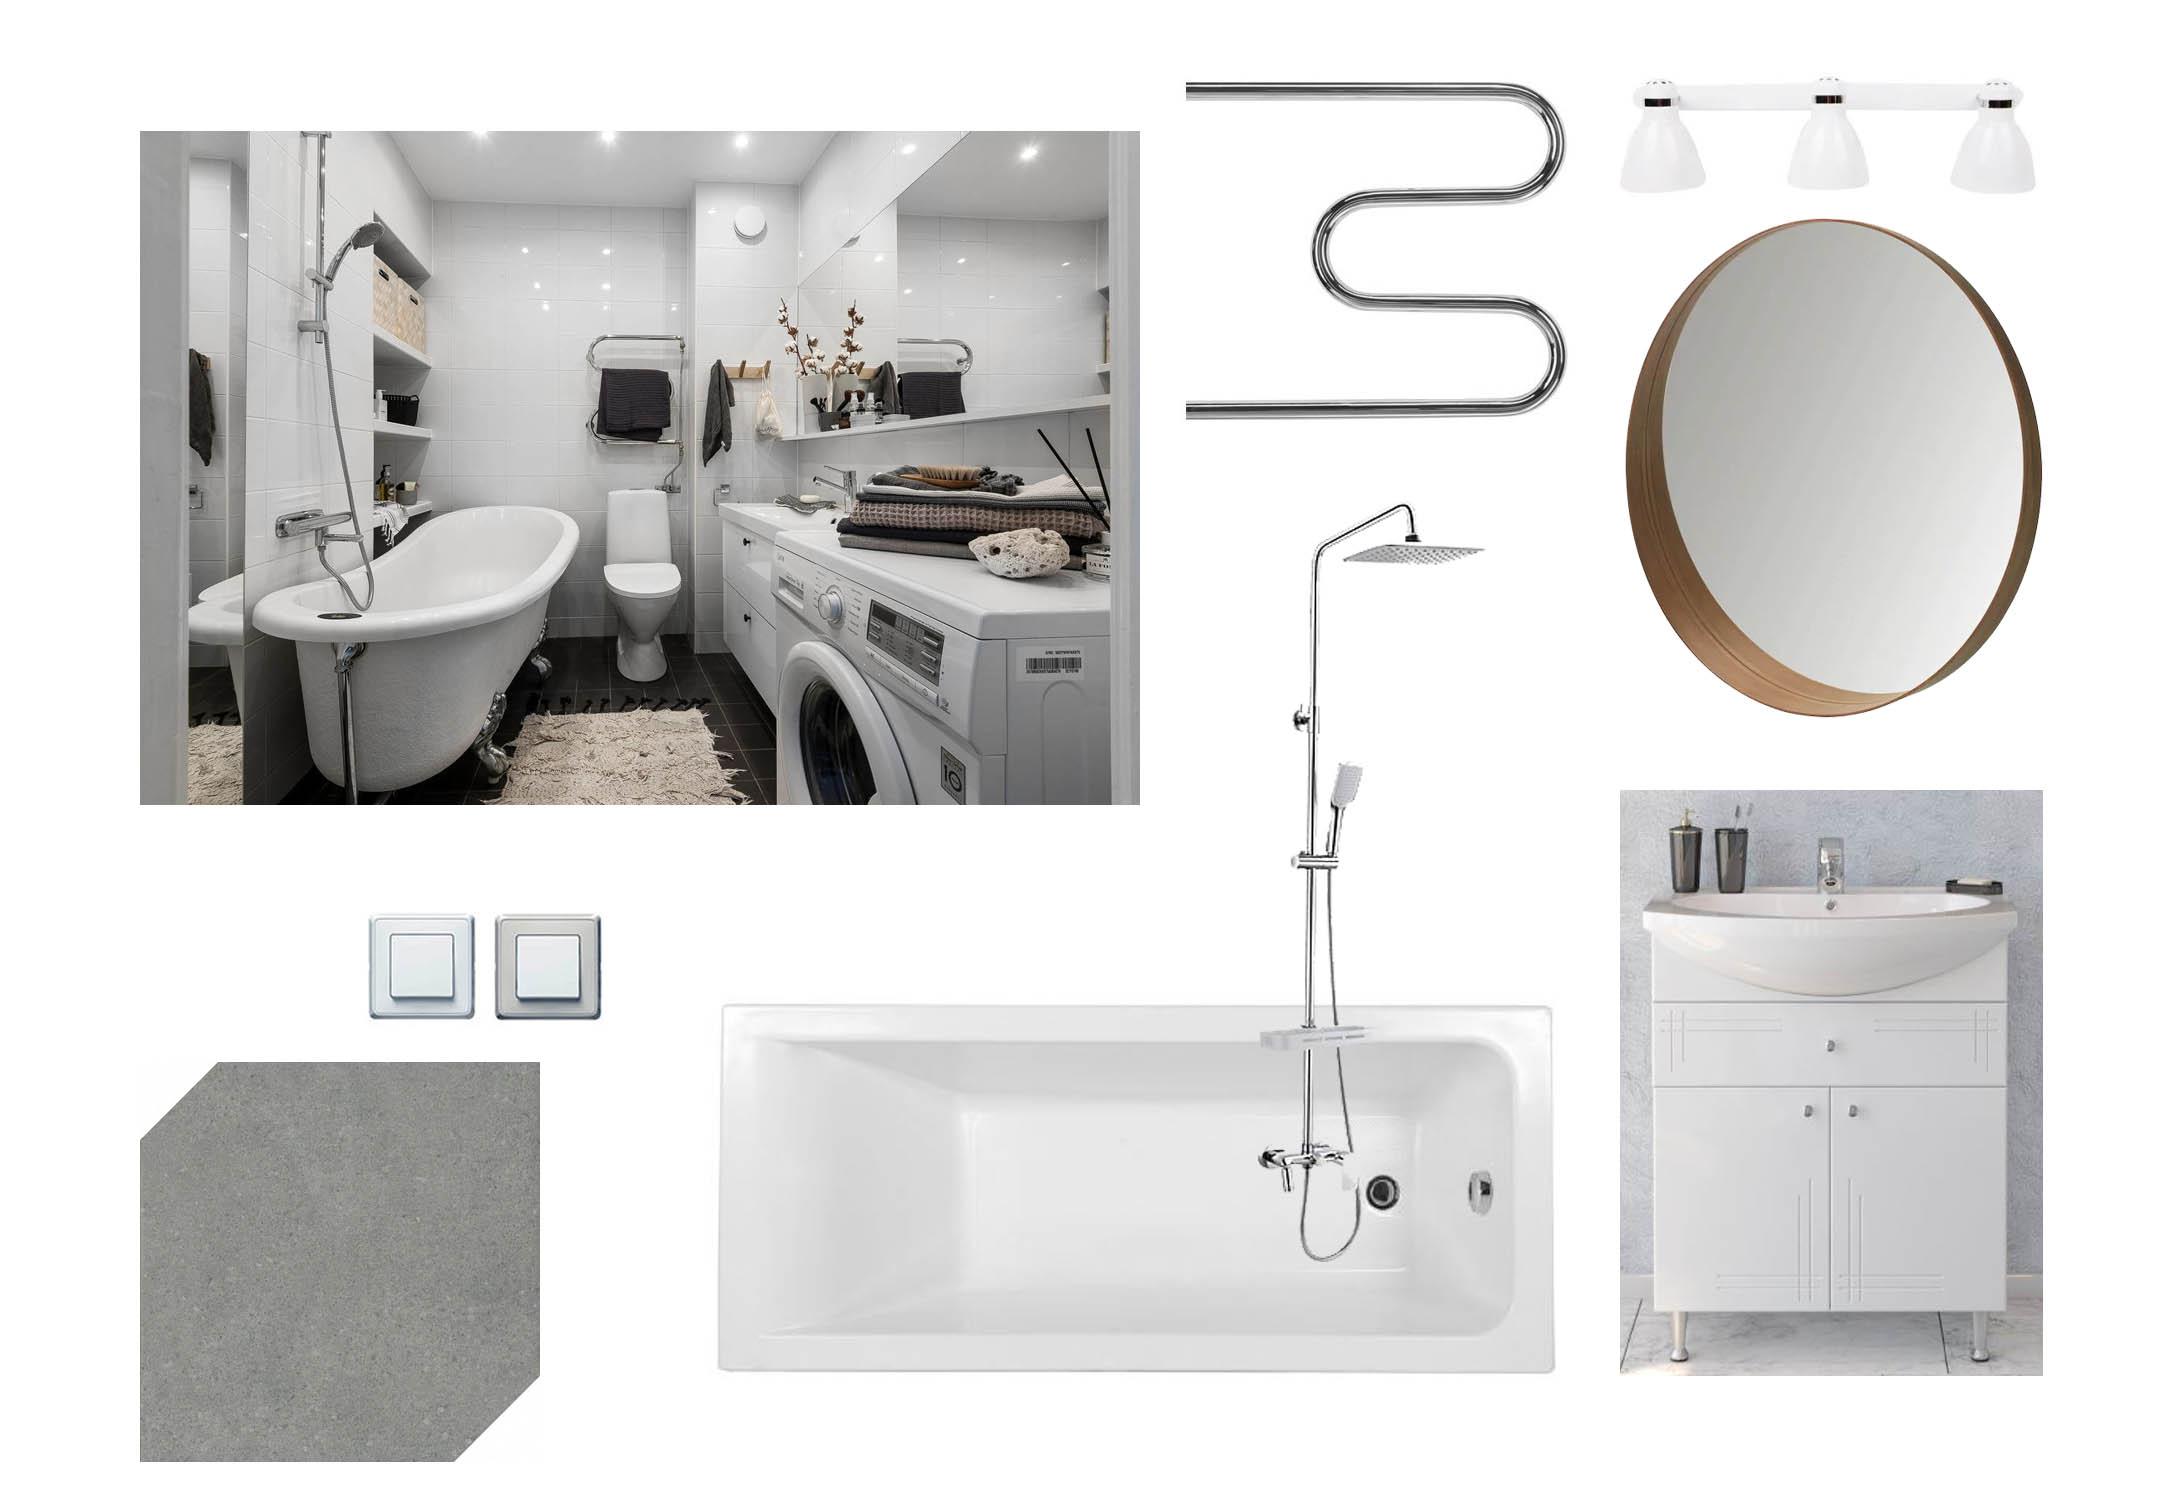 Мебель для ванной комнаты, которая необходима для покупки после ремонта